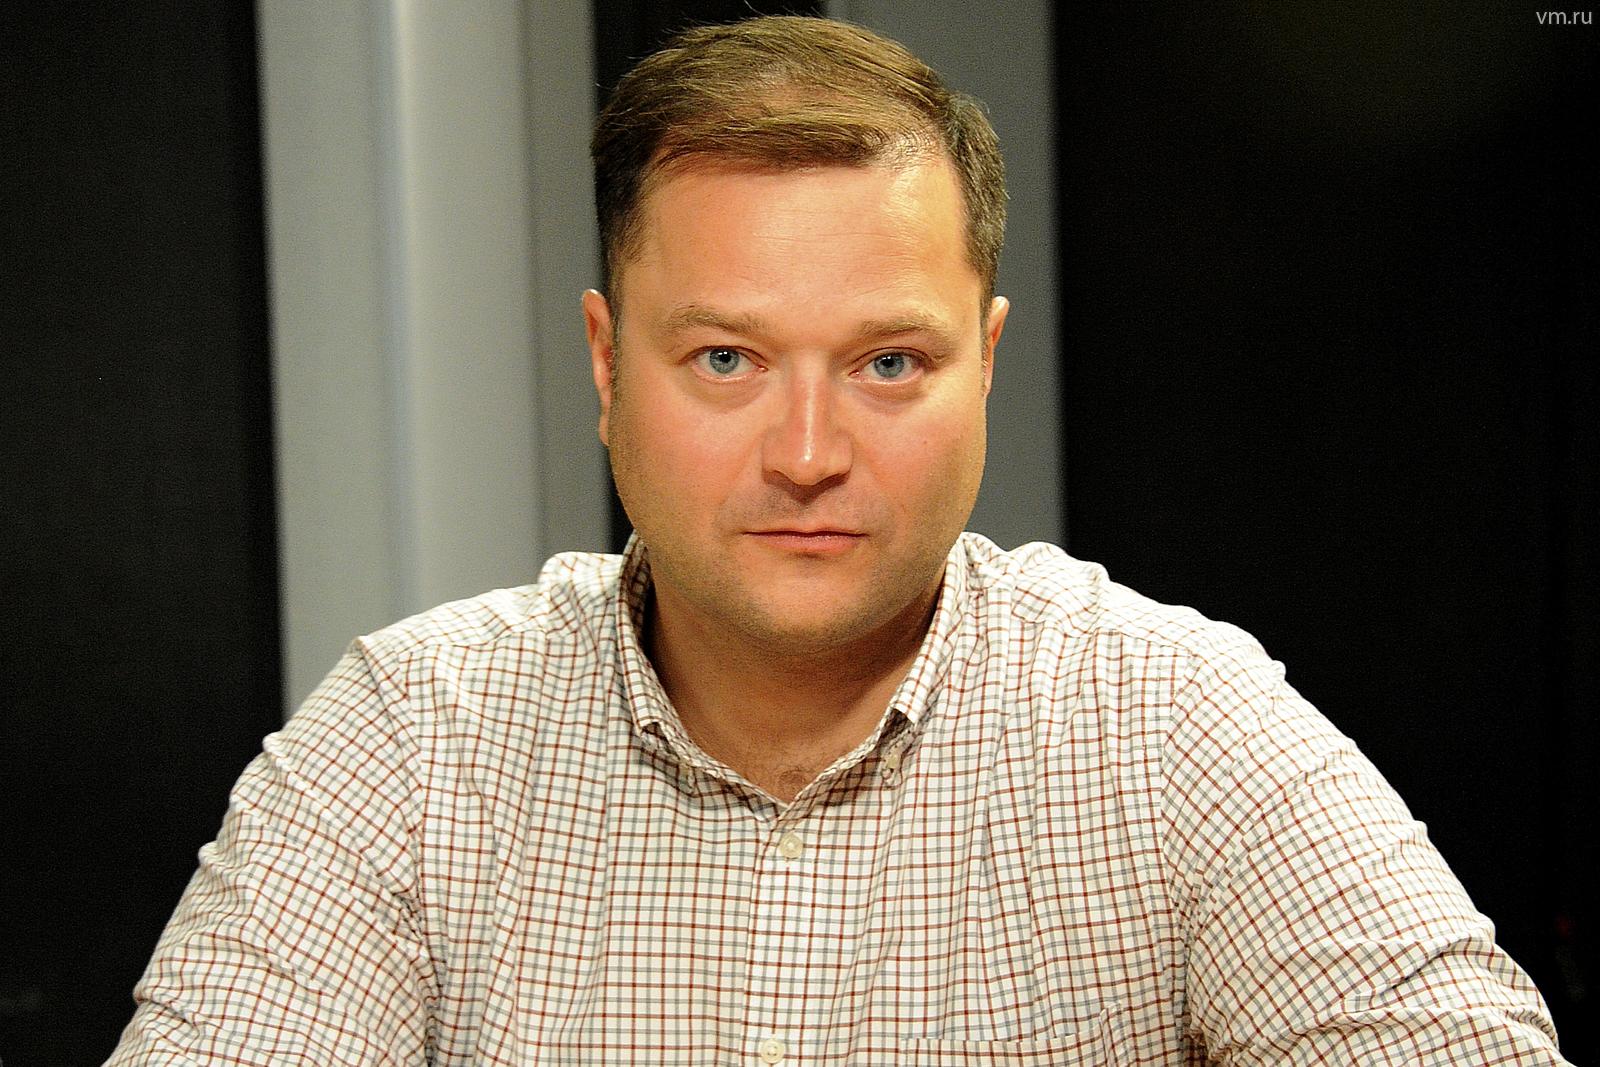 Марков, считает, что партию Исаеву после его смерти могут «подобрать» / Александр Кожохин, «Вечерняя Москва»